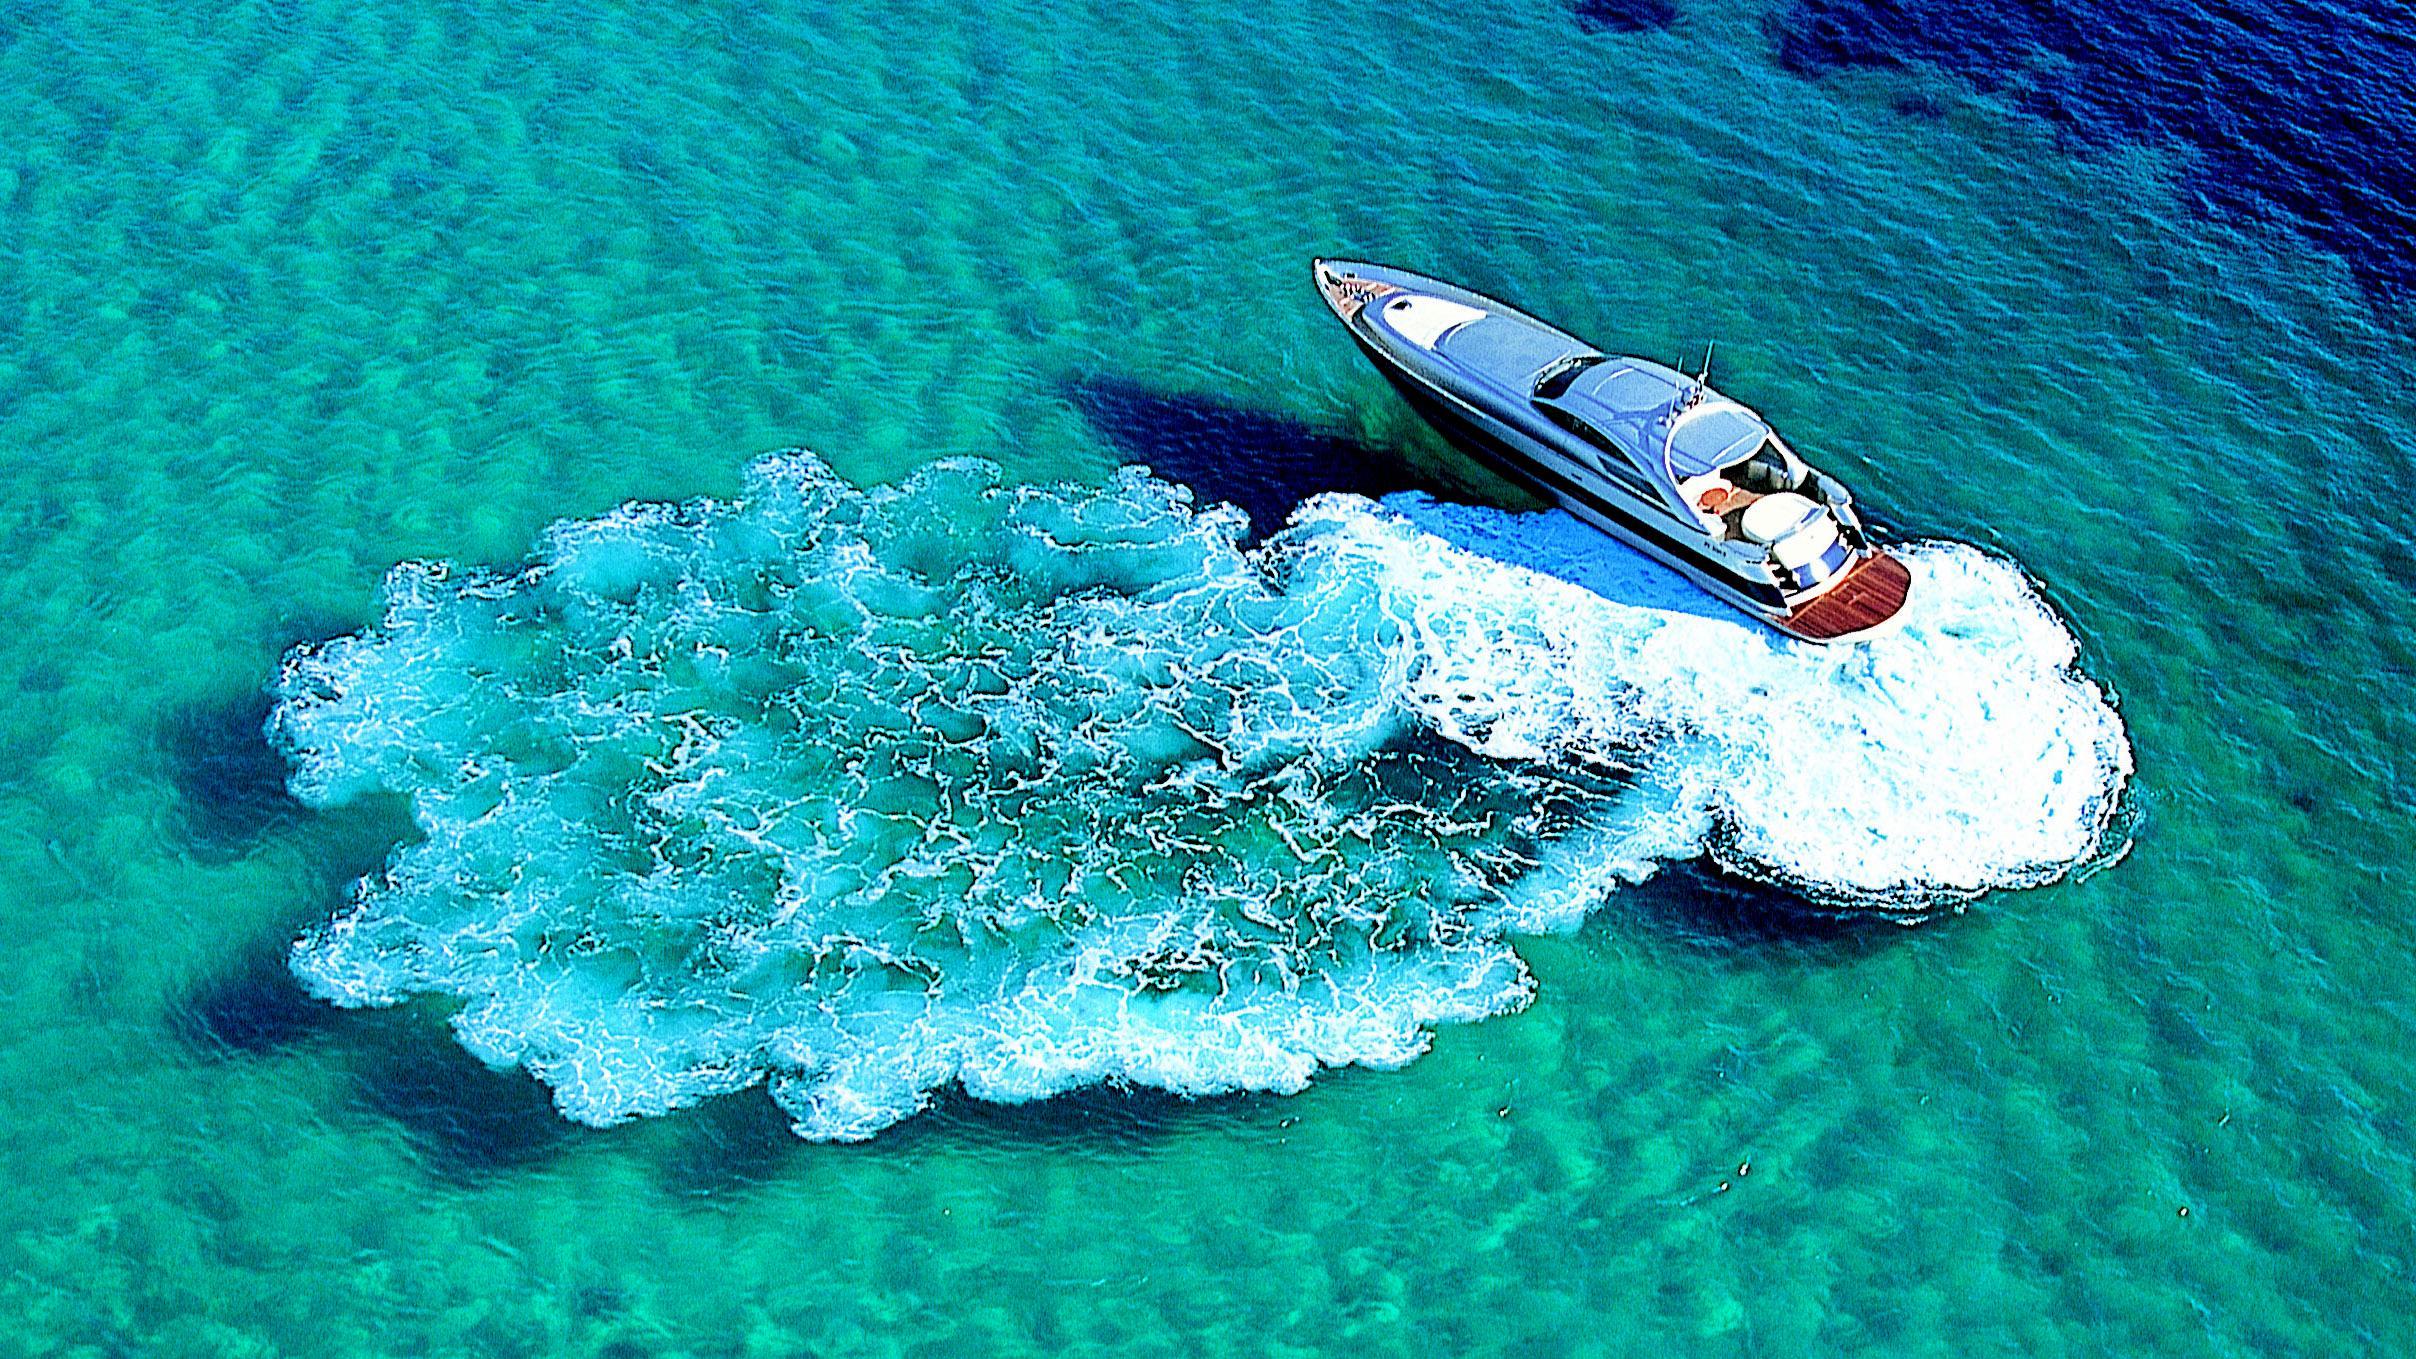 jk-motor-yacht-pershing-88-2002-27m-aerial